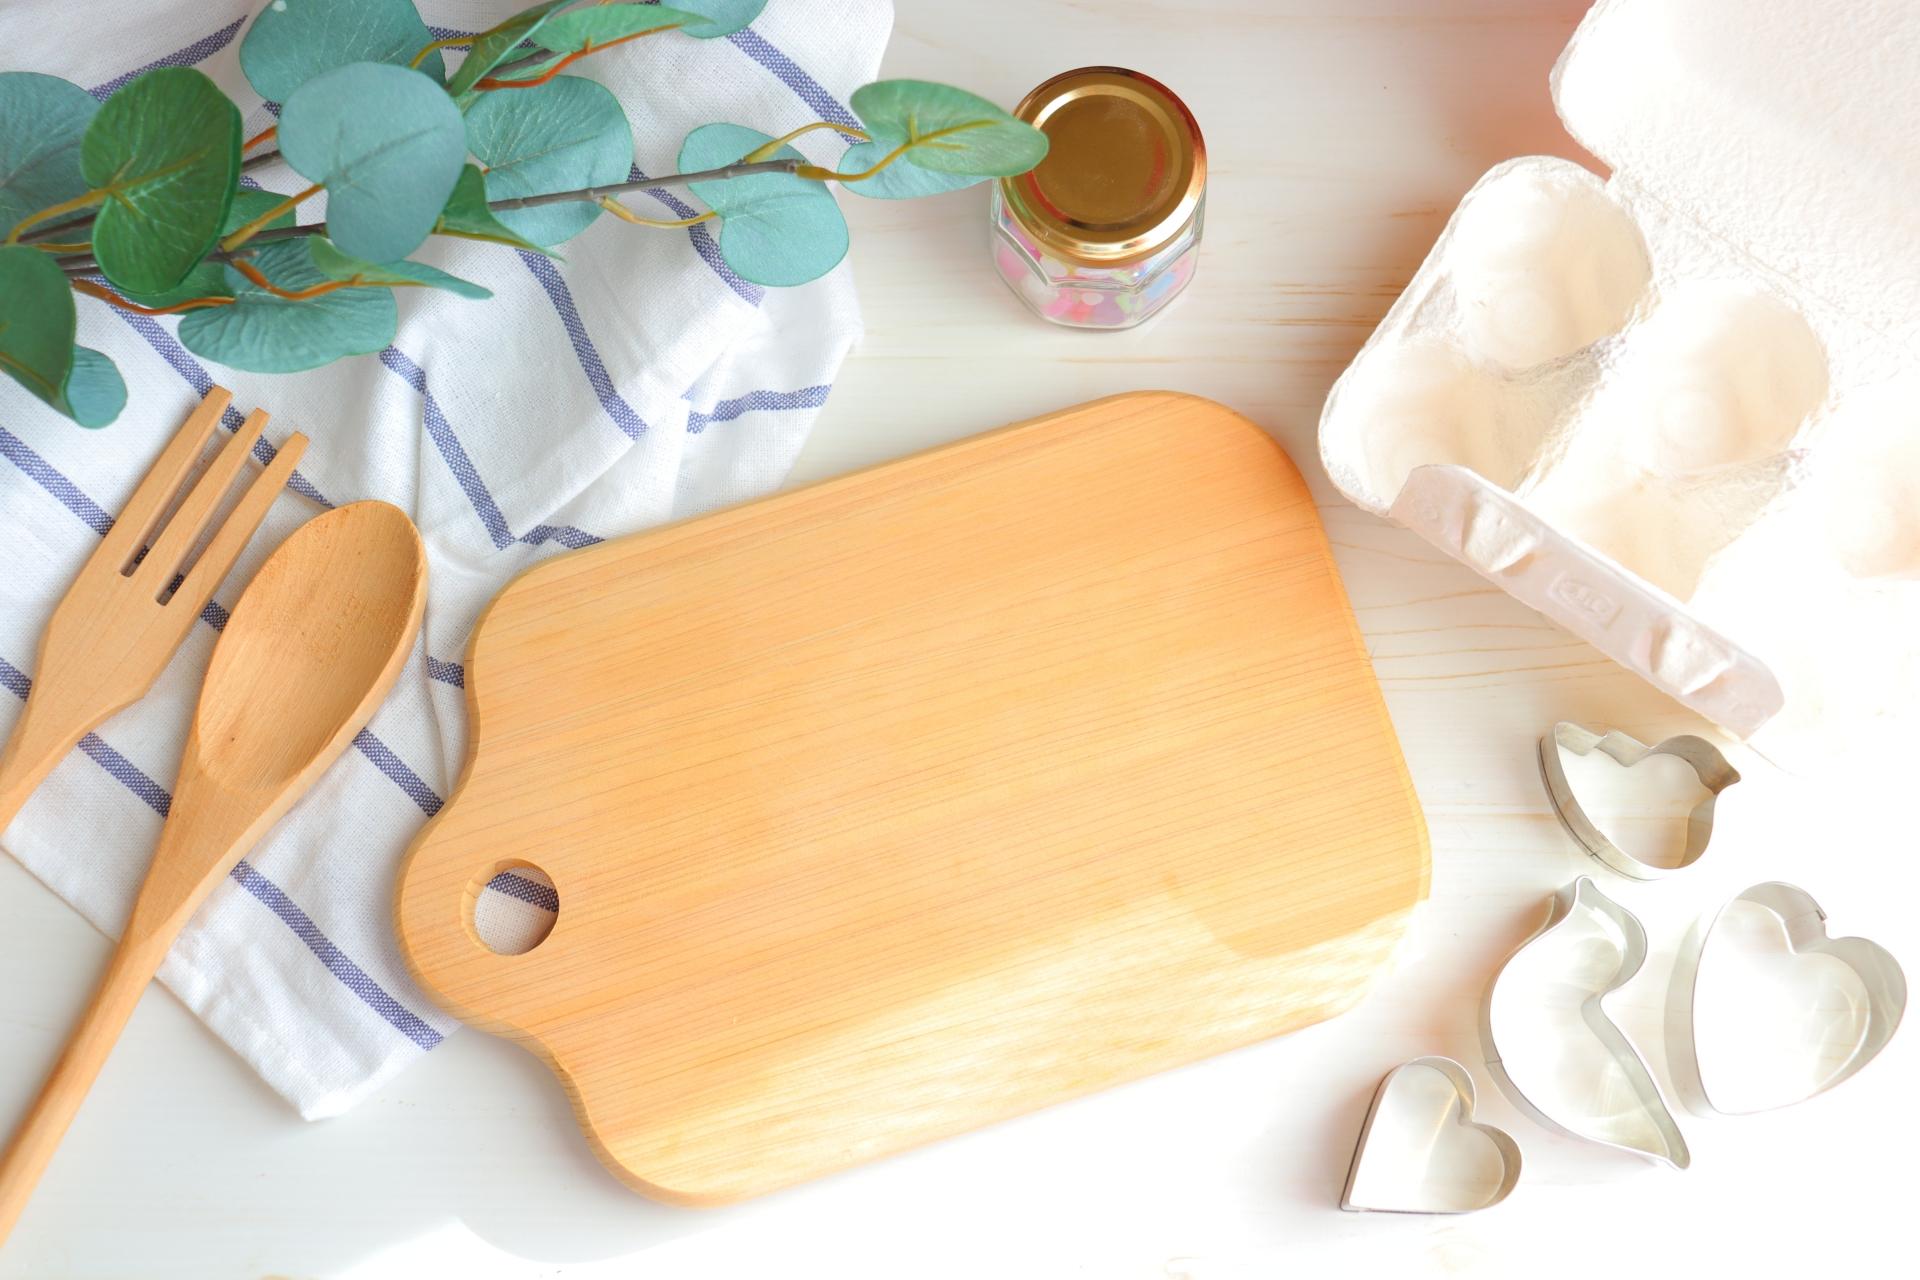 パン製造技能士の資格取得について